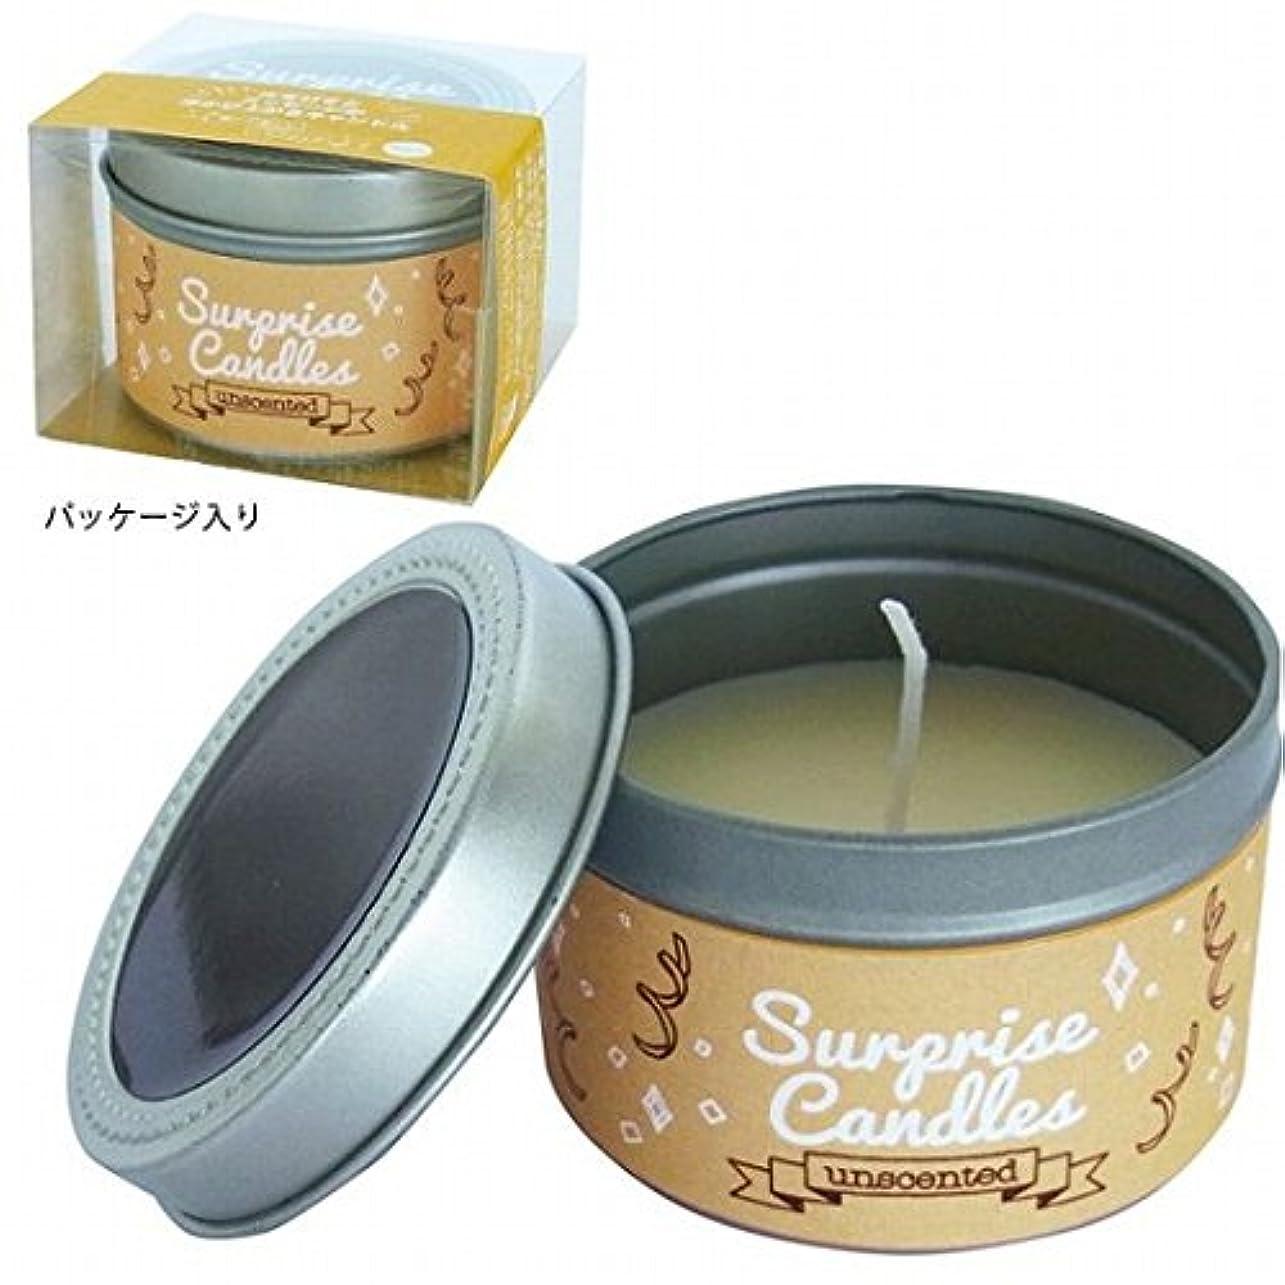 廊下外観論争的カメヤマキャンドル( kameyama candle ) サプライズキャンドル 「無香」